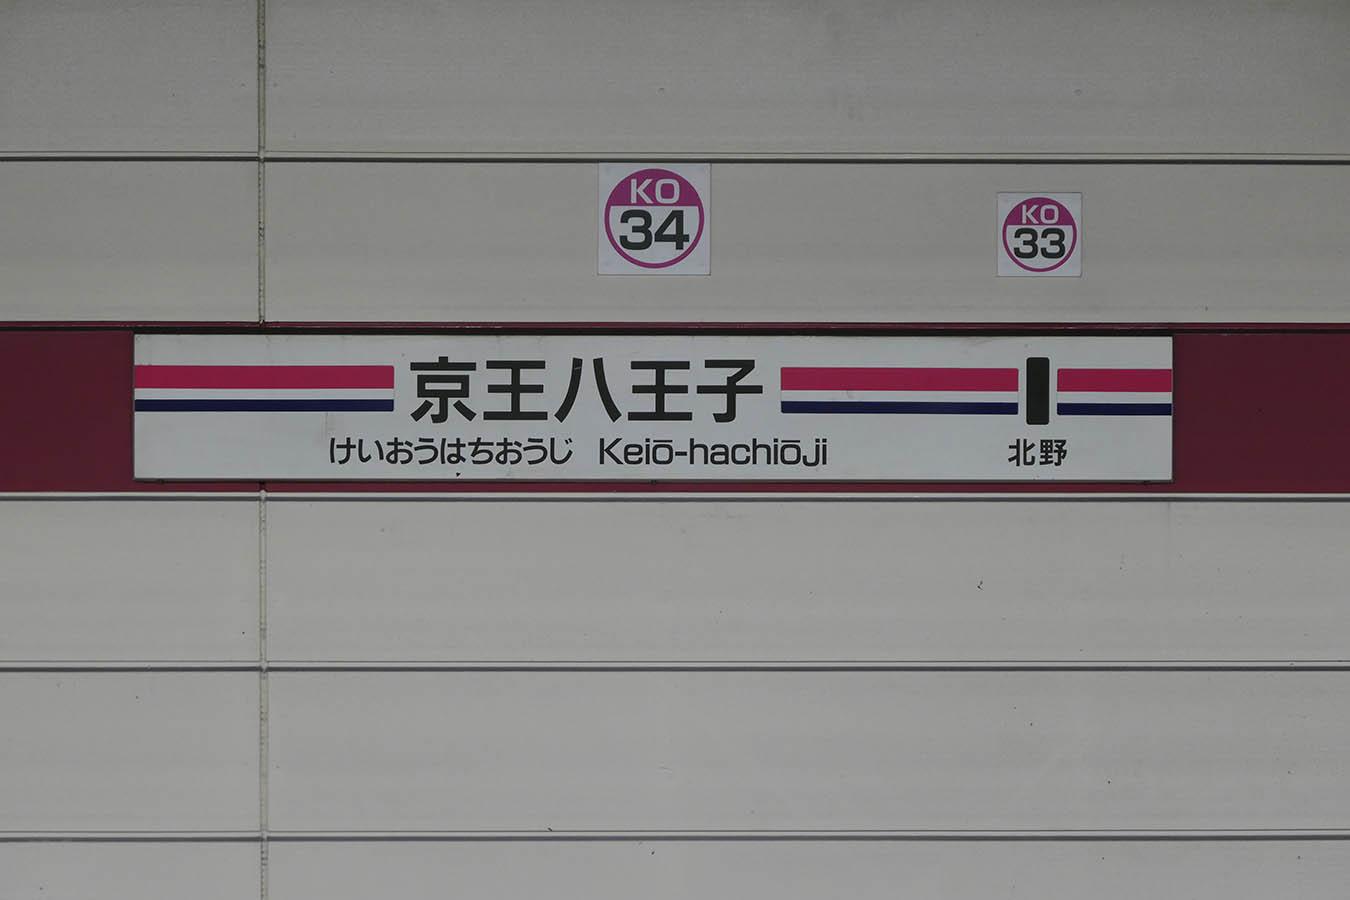 KO34_photo06.jpg